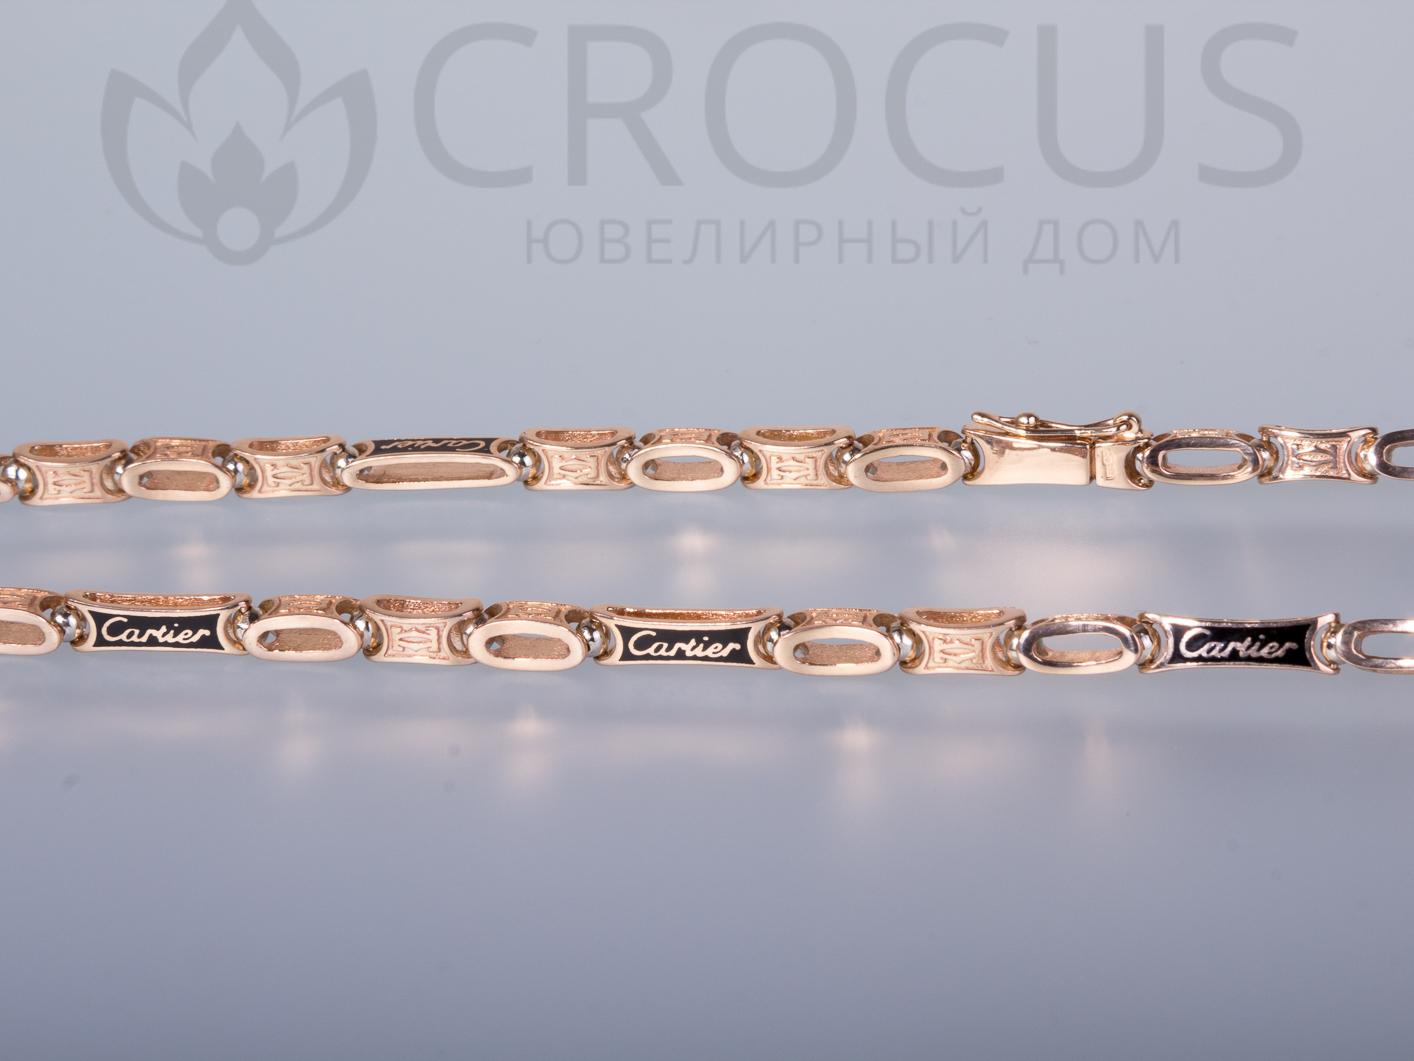 Эксклюзивная золотая цепь Cartier 0001 ювелирная эмаль 16a25ed0ac800